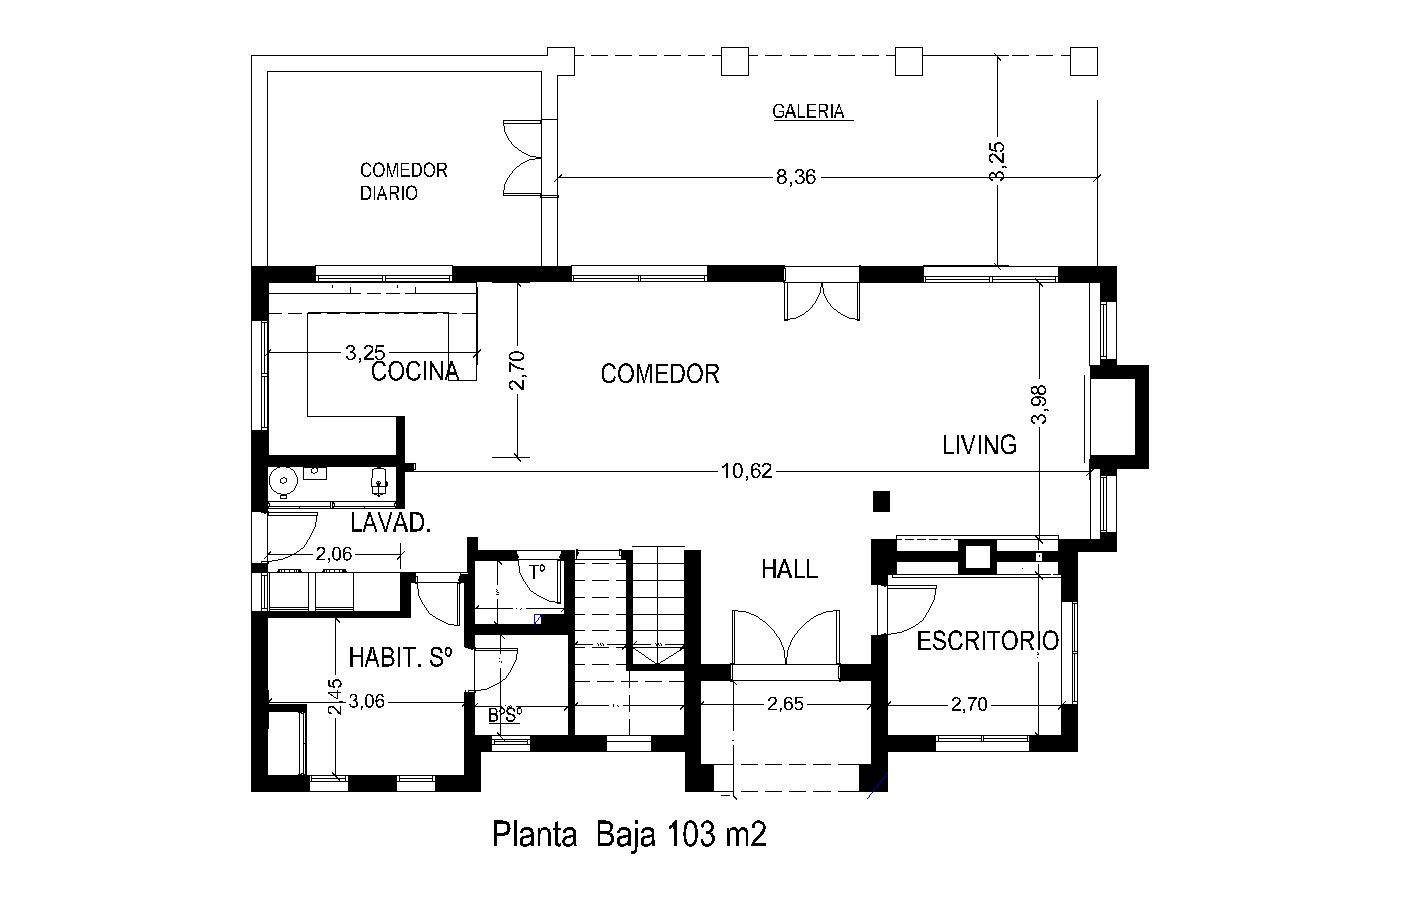 Arquitectura y dise o plano de casa de 173 m2 en dos plantas - Arquitectura y diseno de casas ...